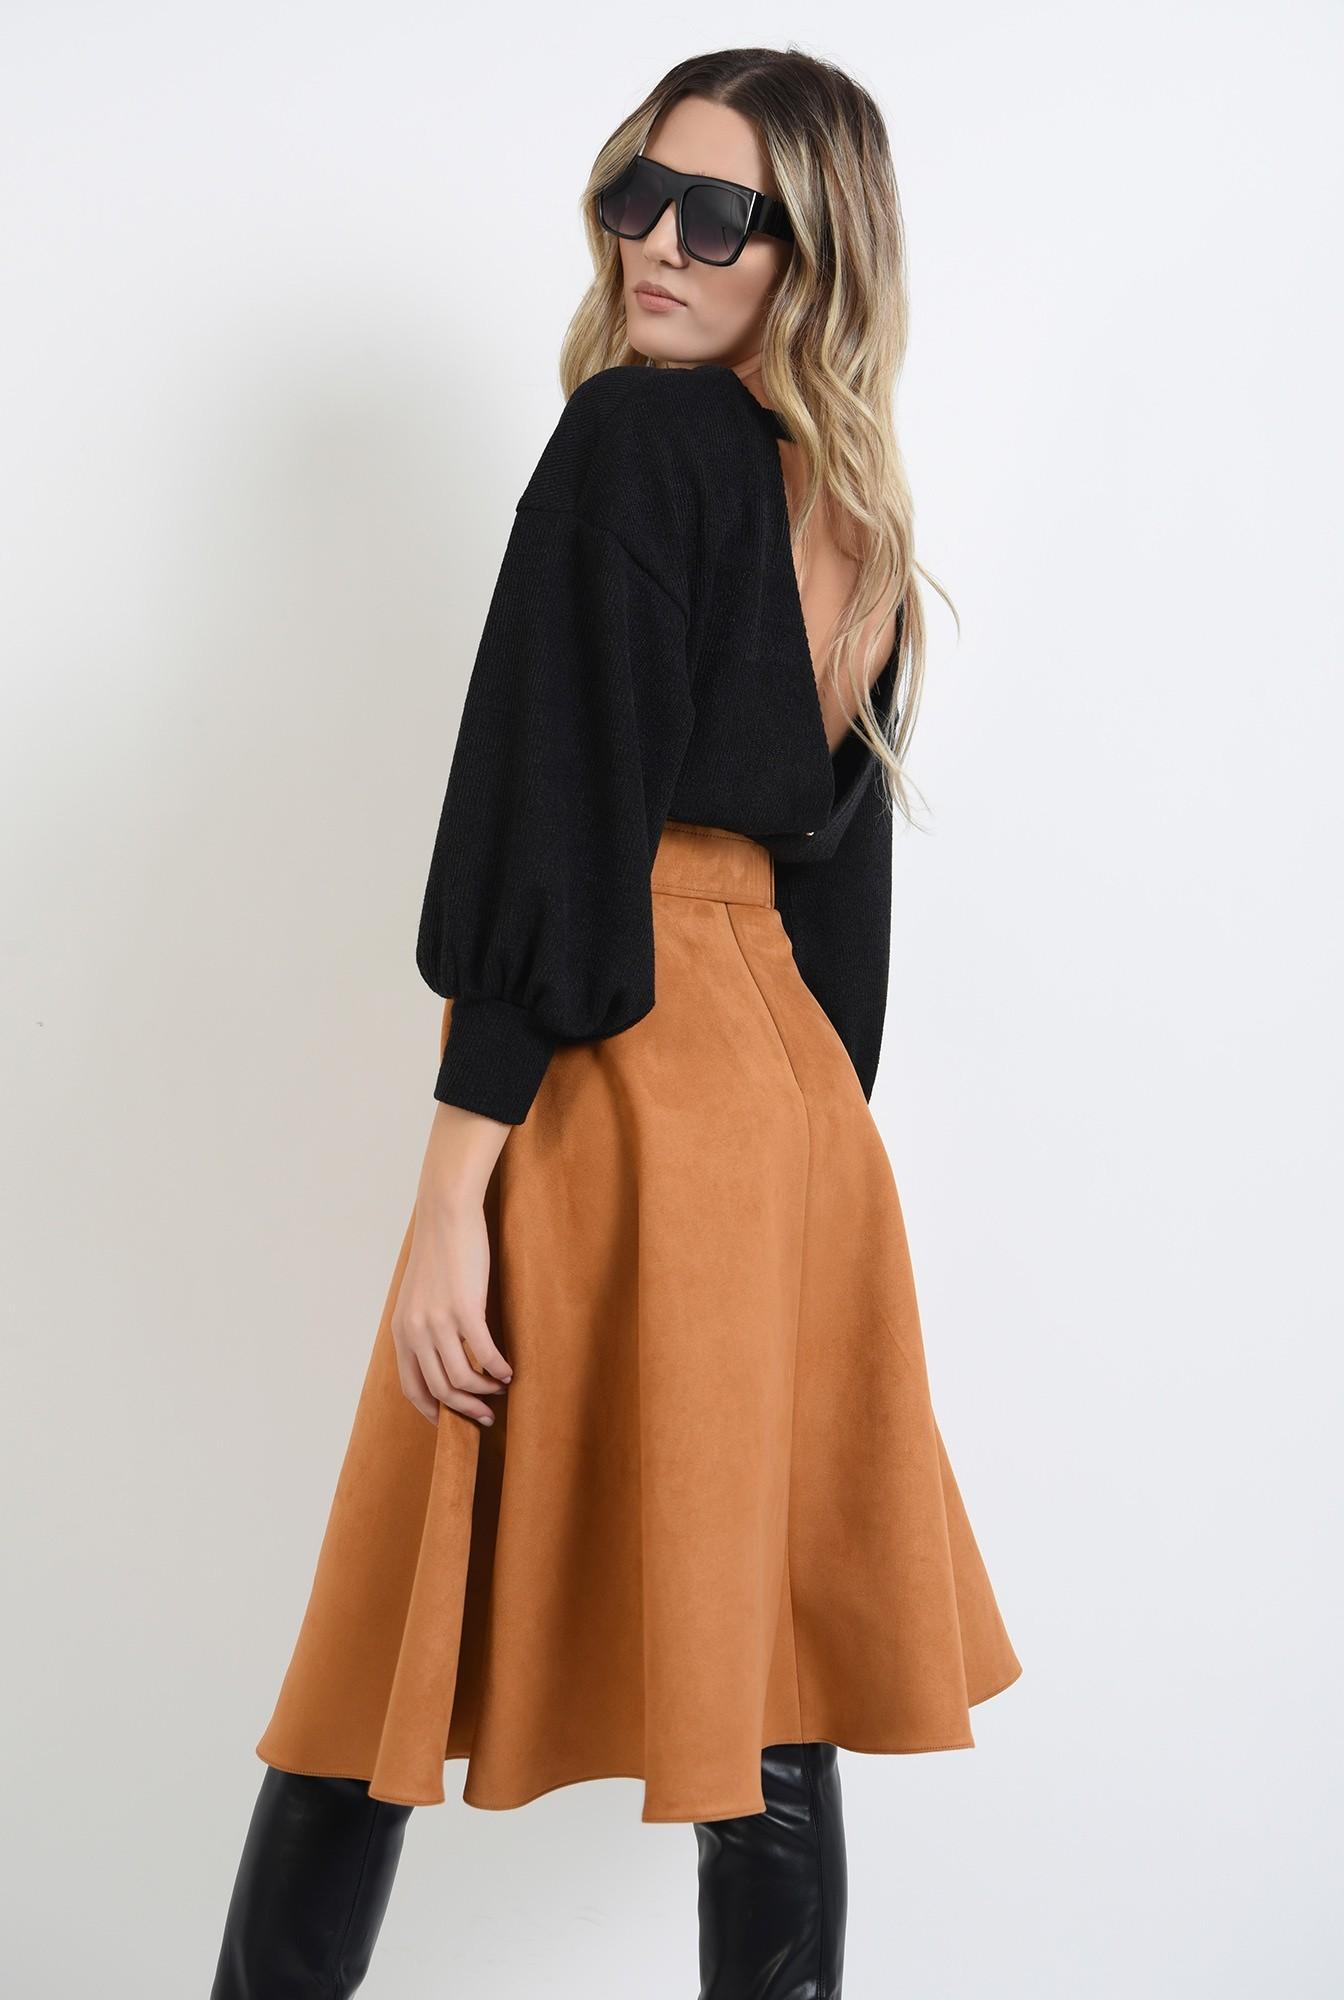 0 - pulover negru, cu maneca bufanta, cu spatele decupat